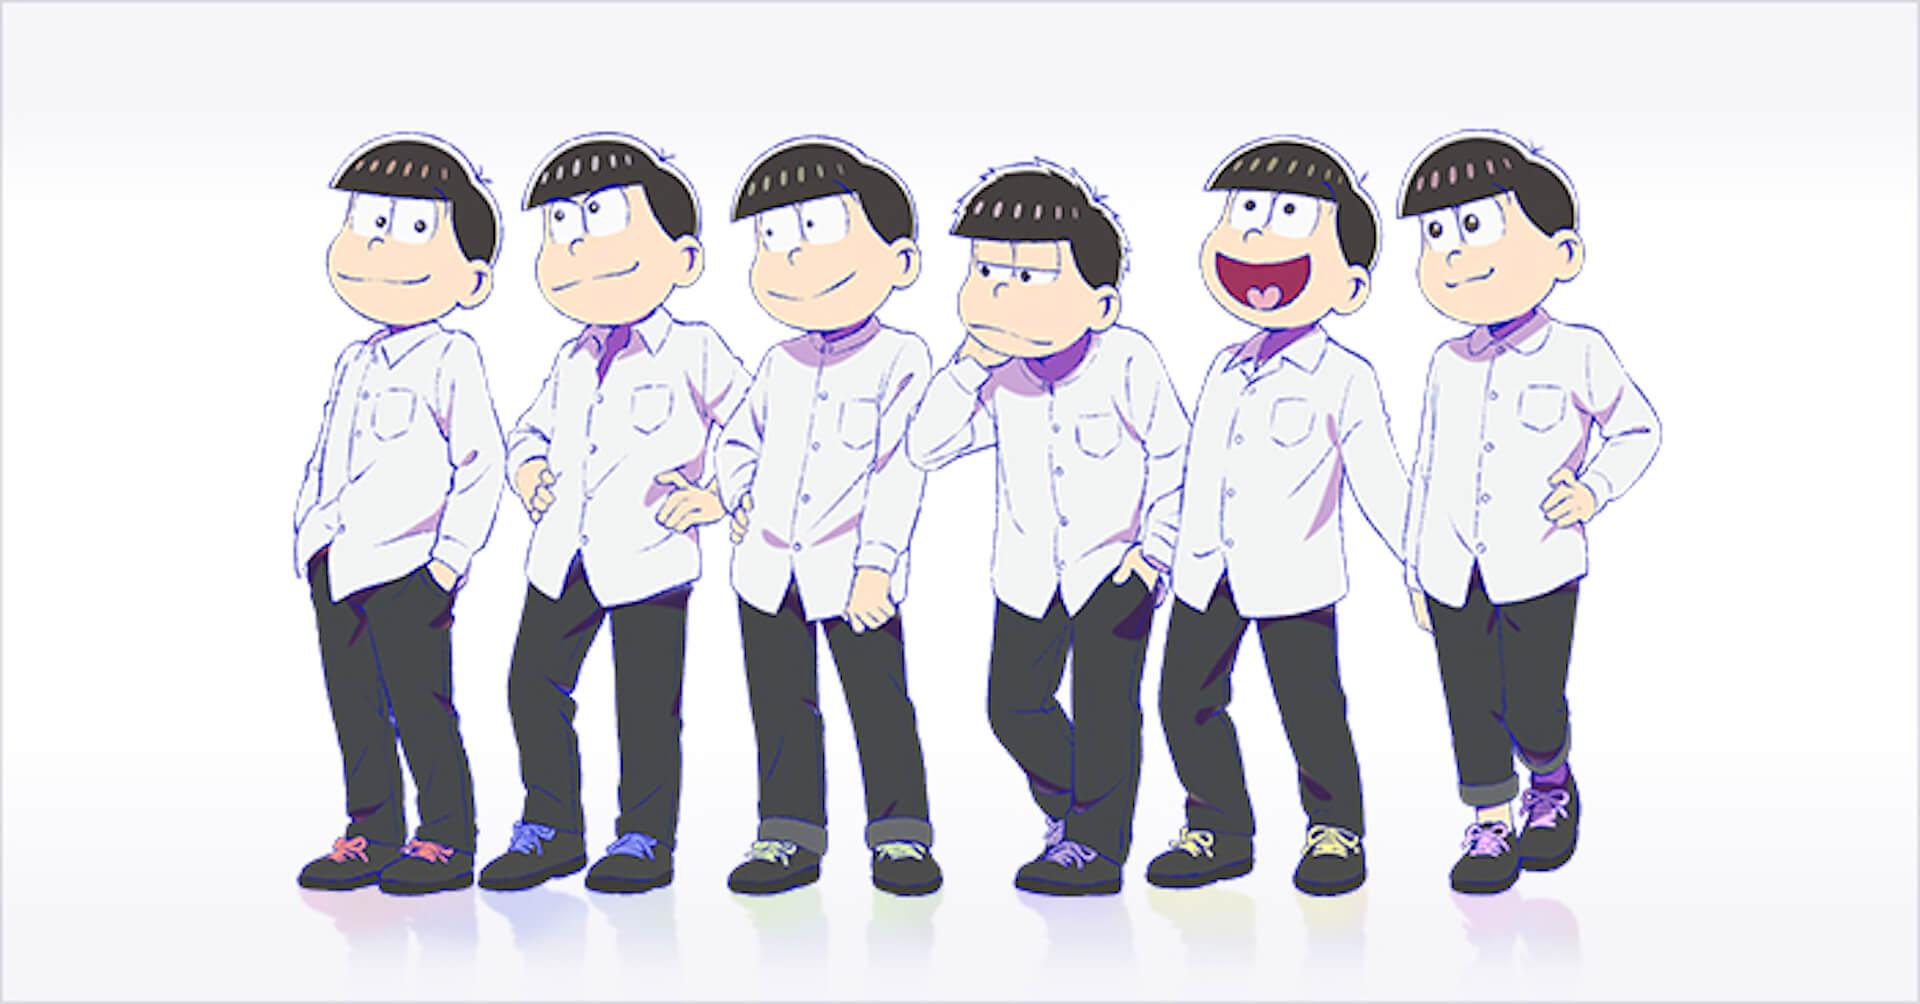 第3期放送決定のアニメ『おそ松さん』の6つ子がファンクラブを開設!?6つ子からユニークなコメントも到着 art200713_osomatsusan_2